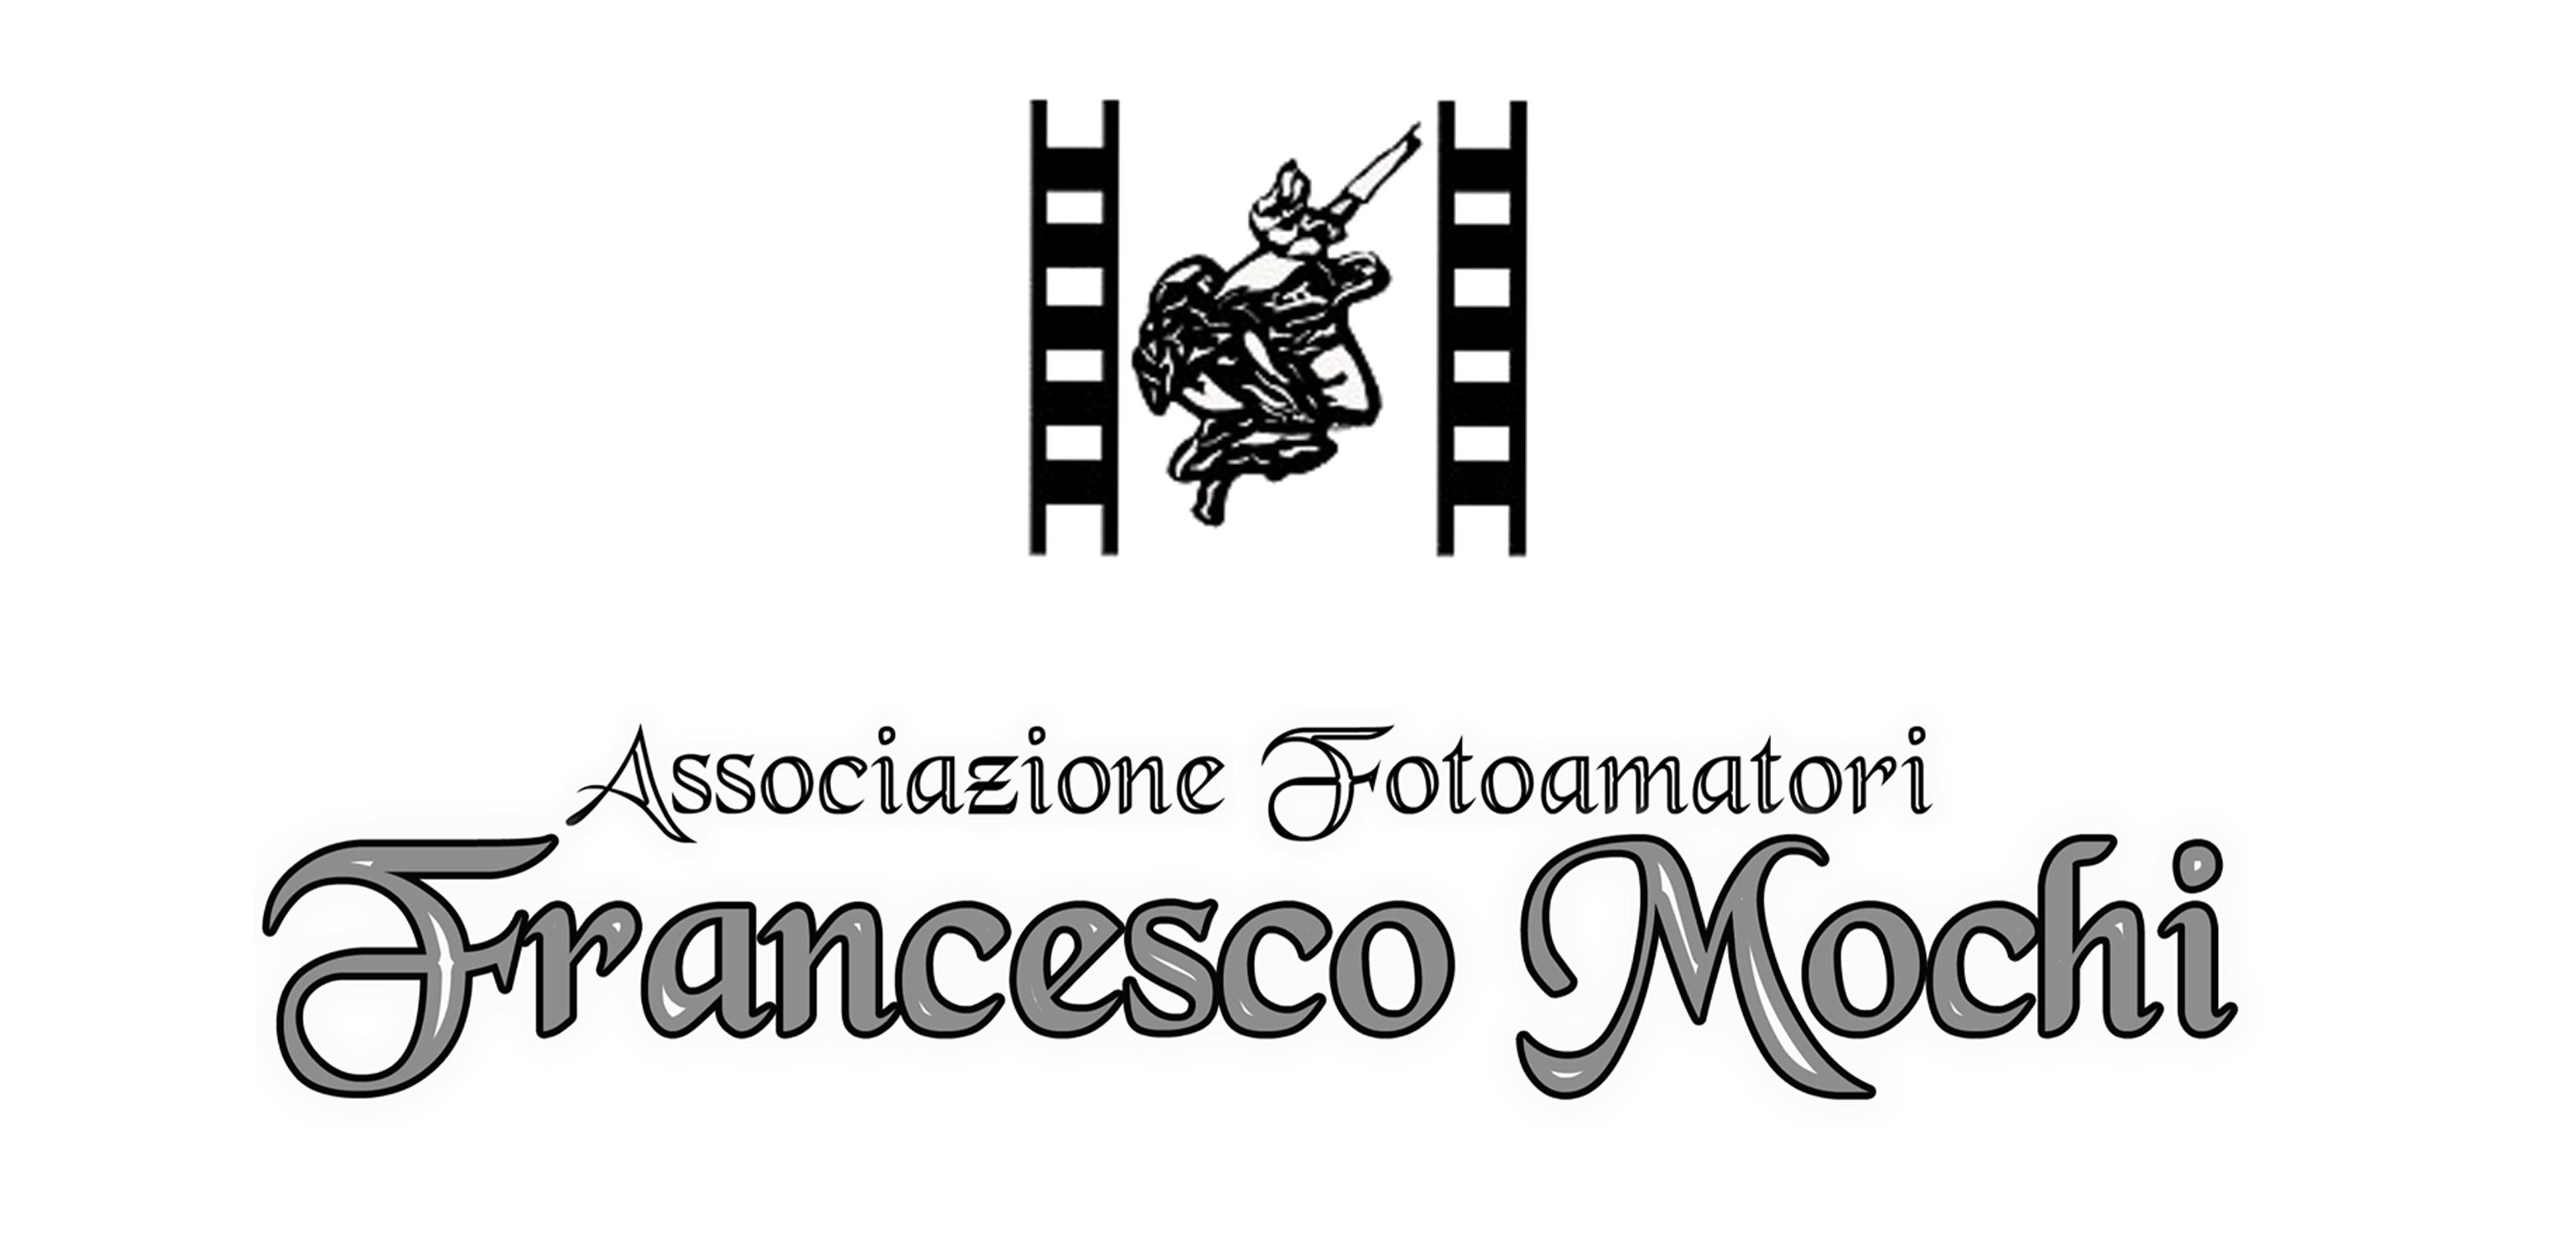 Circolo Fotoamatori Francesco Mochi